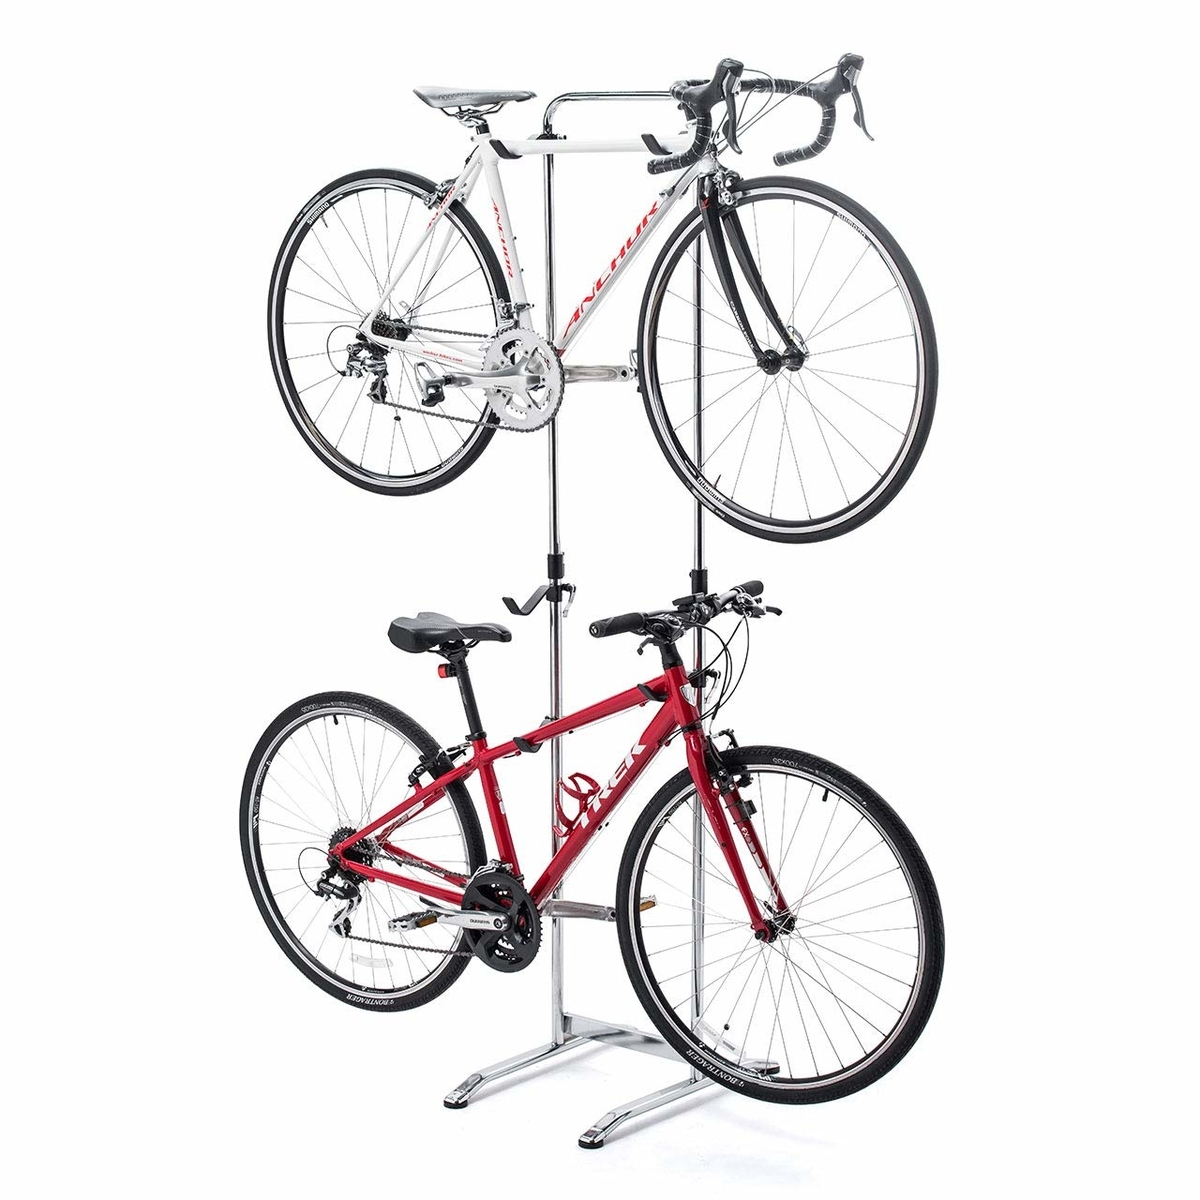 f:id:bicycle-sapp:20200219224452j:plain